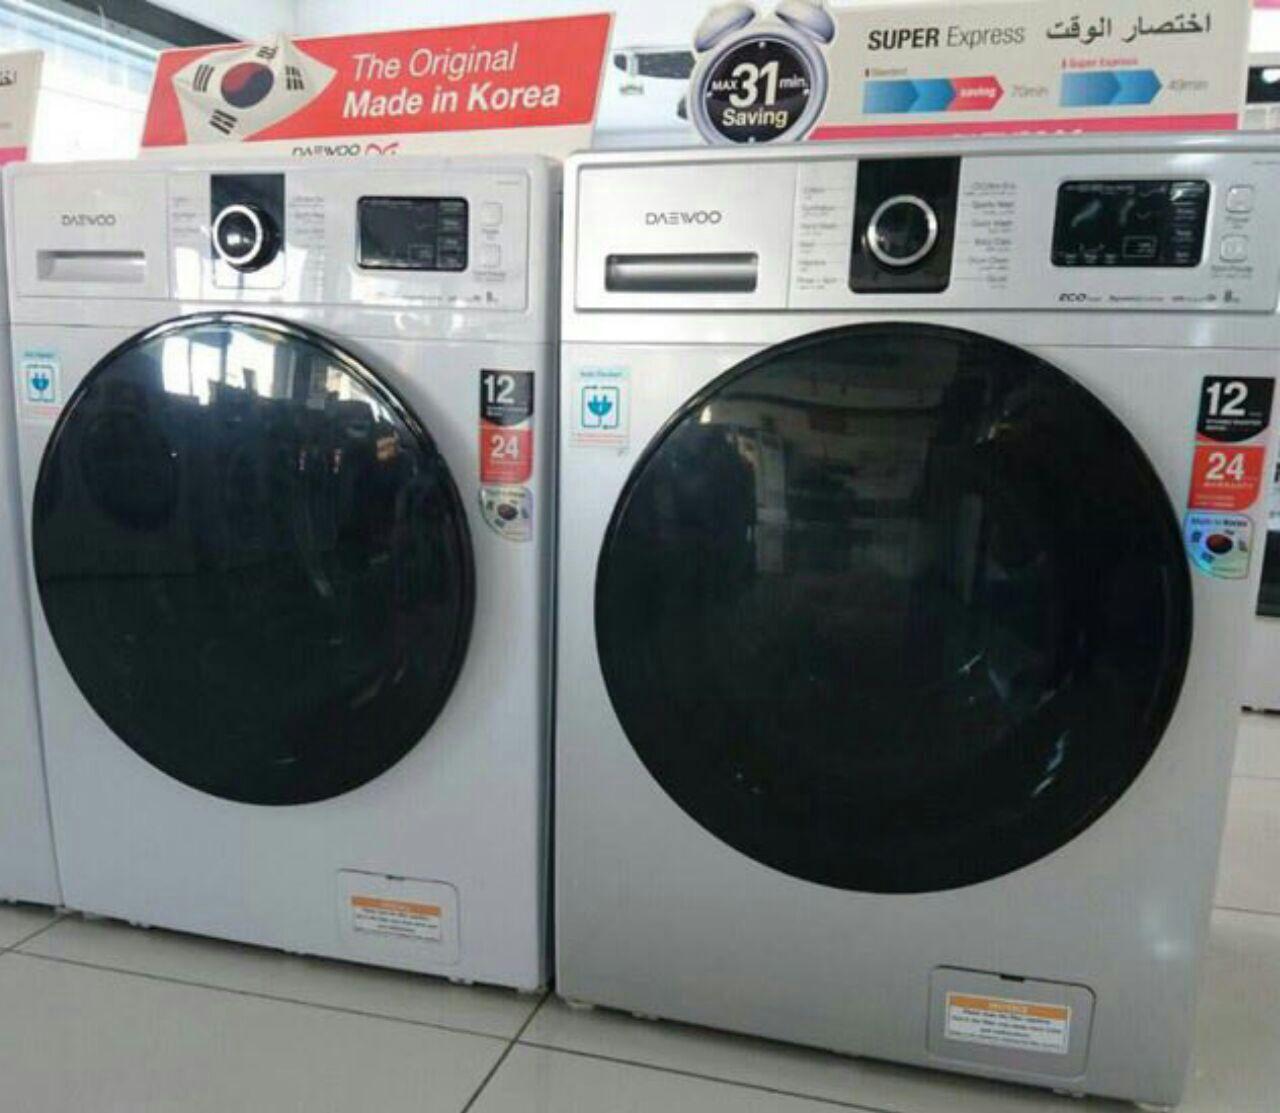 ماشین لباسشویی دوو daewoo مدل 1442 ساخت کره